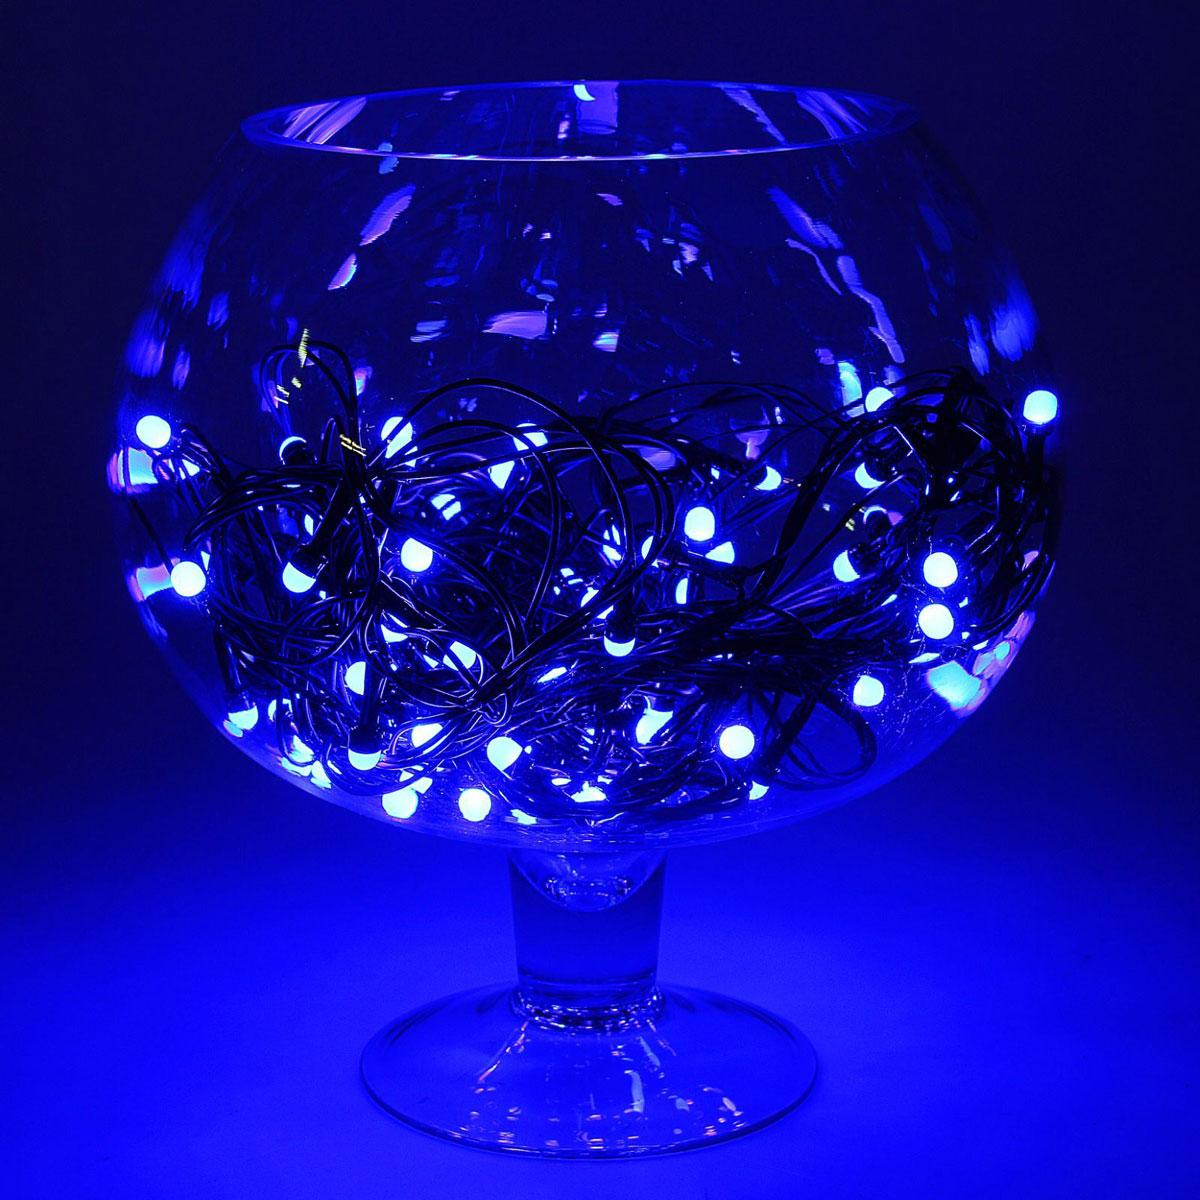 Гирлянда светодиодная Luazon Метраж, уличная, 8 режимов, 100 ламп, 220 V, 10 м, цвет: синий. 10805521080552Светодиодные гирлянды, ленты и т.д. — это отличный вариант для новогоднего оформления интерьера или фасада. С их помощью помещение любого размера можно превратить в праздничный зал, а внешние элементы зданий, украшенные ими, мгновенно станут напоминать очертания сказочного дворца. Такие украшения создают ауру предвкушения чуда. Деревья, фасады, витрины, окна и арки будто специально созданы, чтобы вы украсили их светящимися нитями.